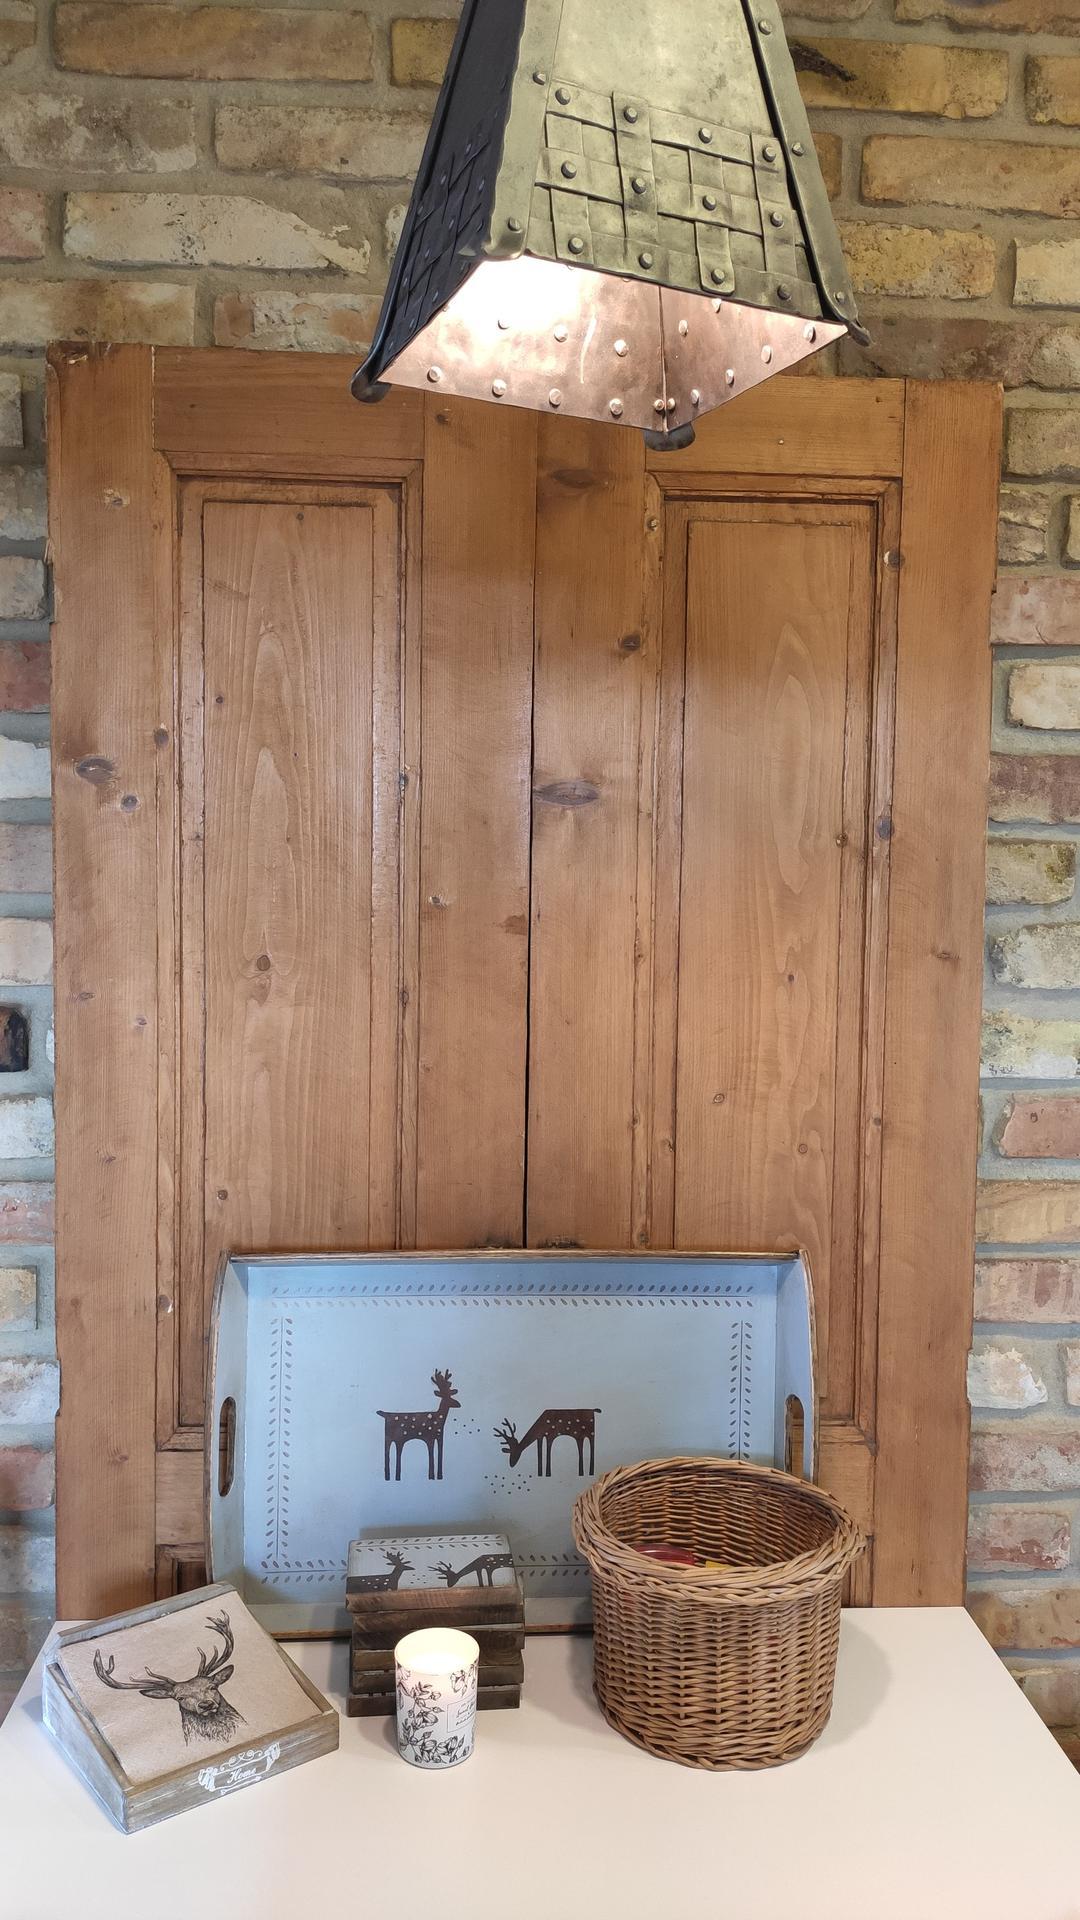 Relaxačný domček sauna a oddychová miestnosť ... plány, príprava a realizácia - Obrázok č. 51